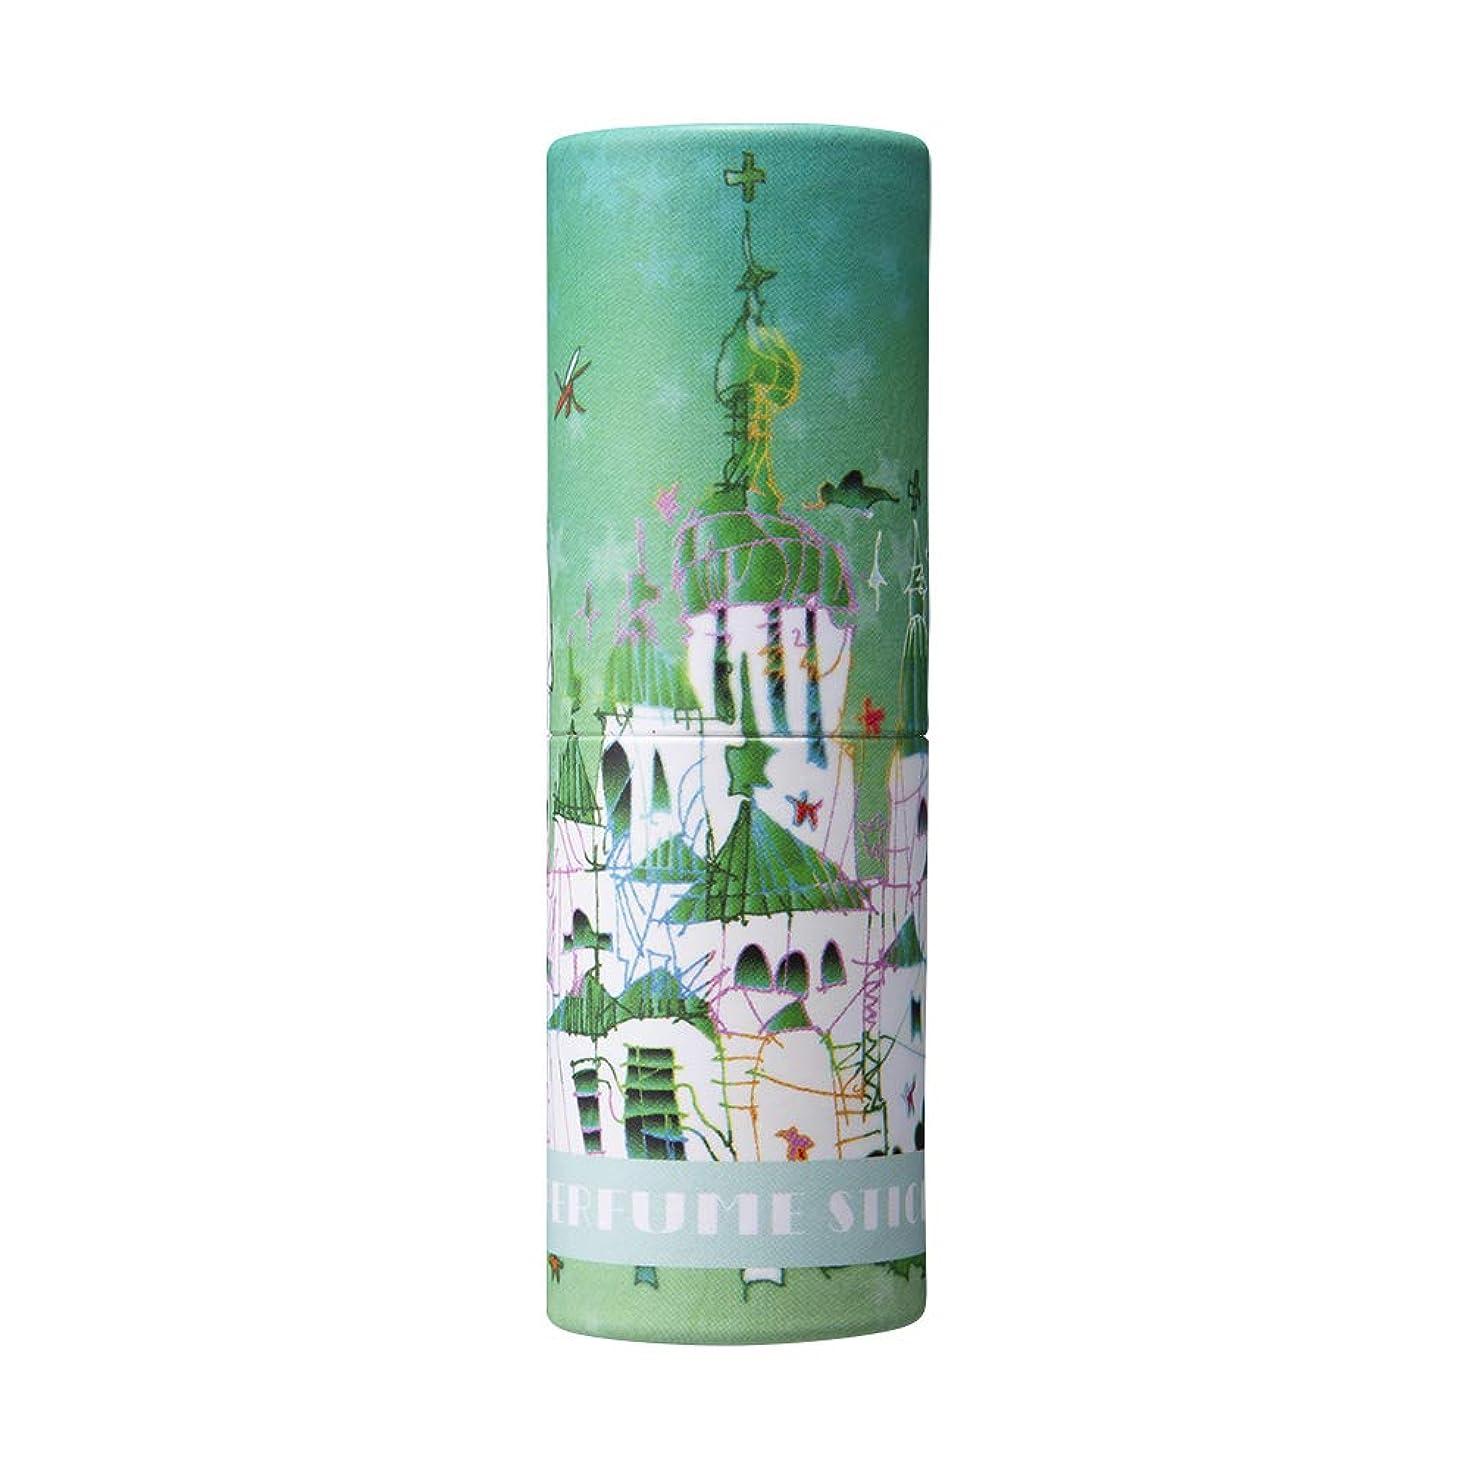 アクティブモーターあごひげパフュームスティック サンクス グリーンアップル&ムスクの香り 世界遺産デザイン 5g